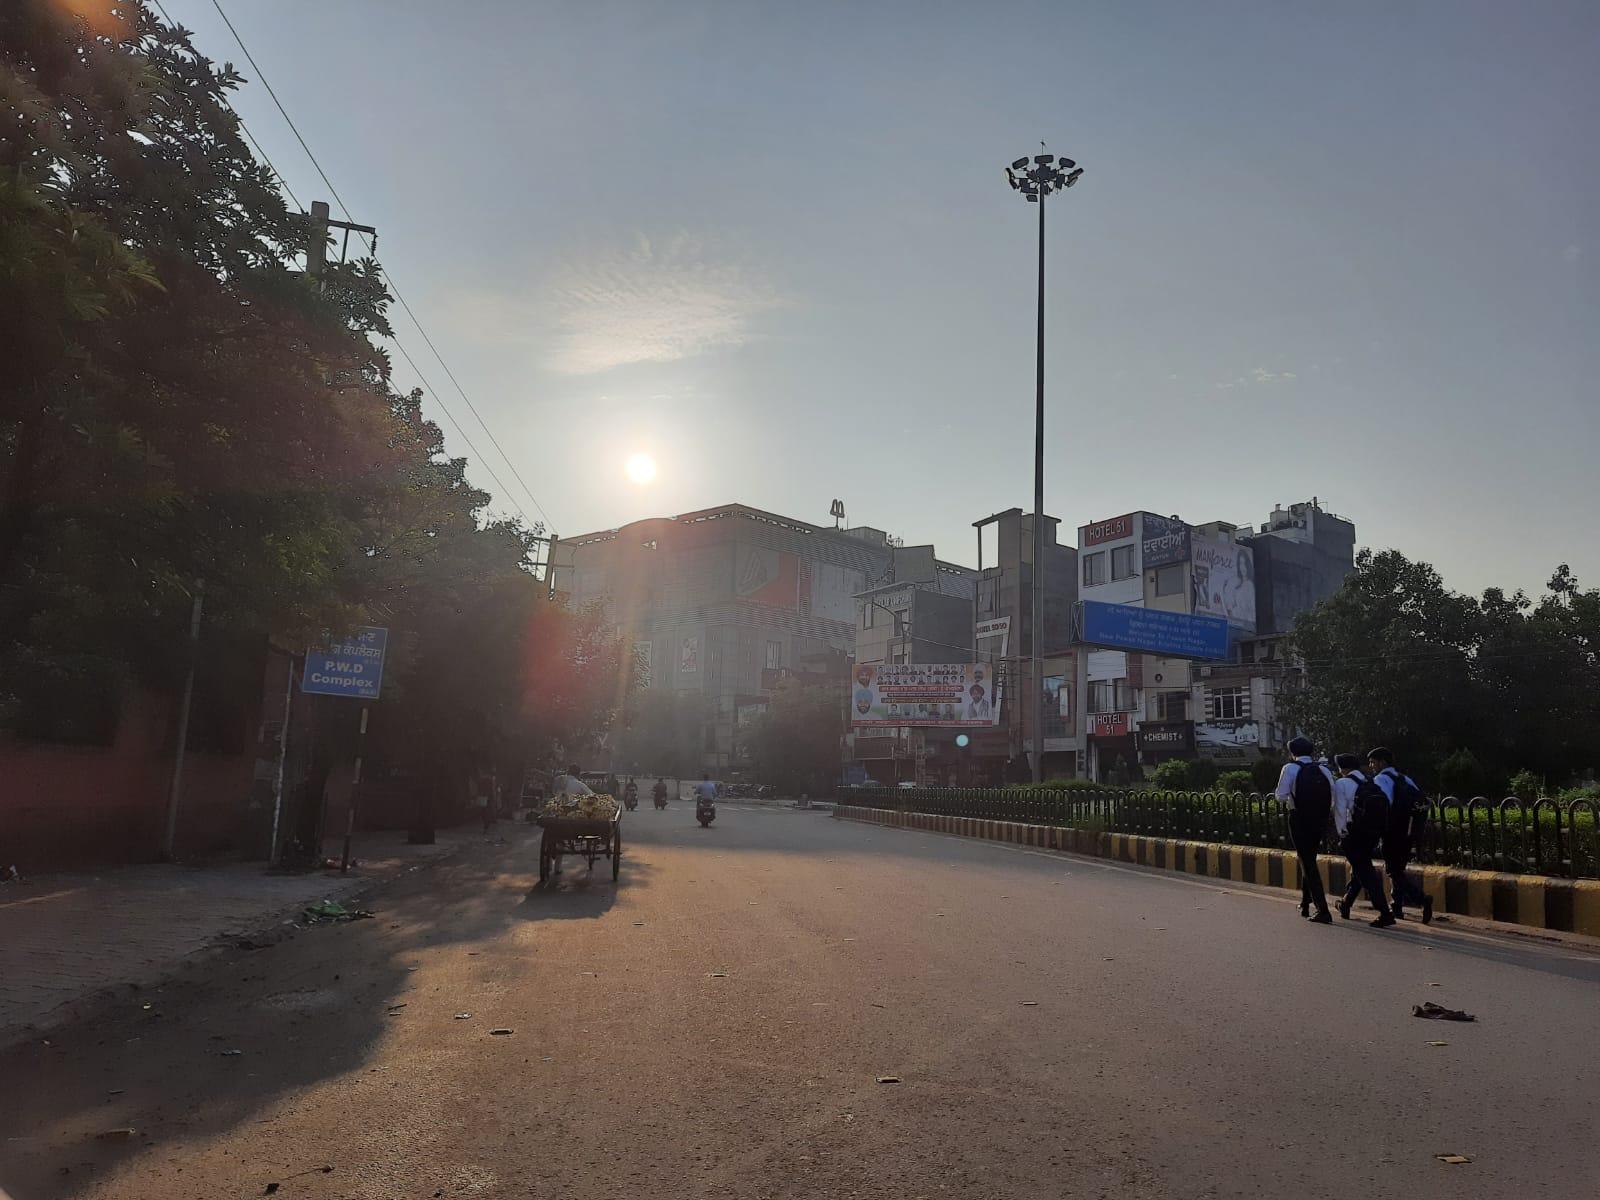 31 डिग्री तक पहुंच सकता है तापमान, बारिश हटी तो टूटी सड़कें बनी मुसीबत; ब्यास खतरे के निशान से थोड़ा ही नीचे|अमृतसर,Amritsar - Dainik Bhaskar